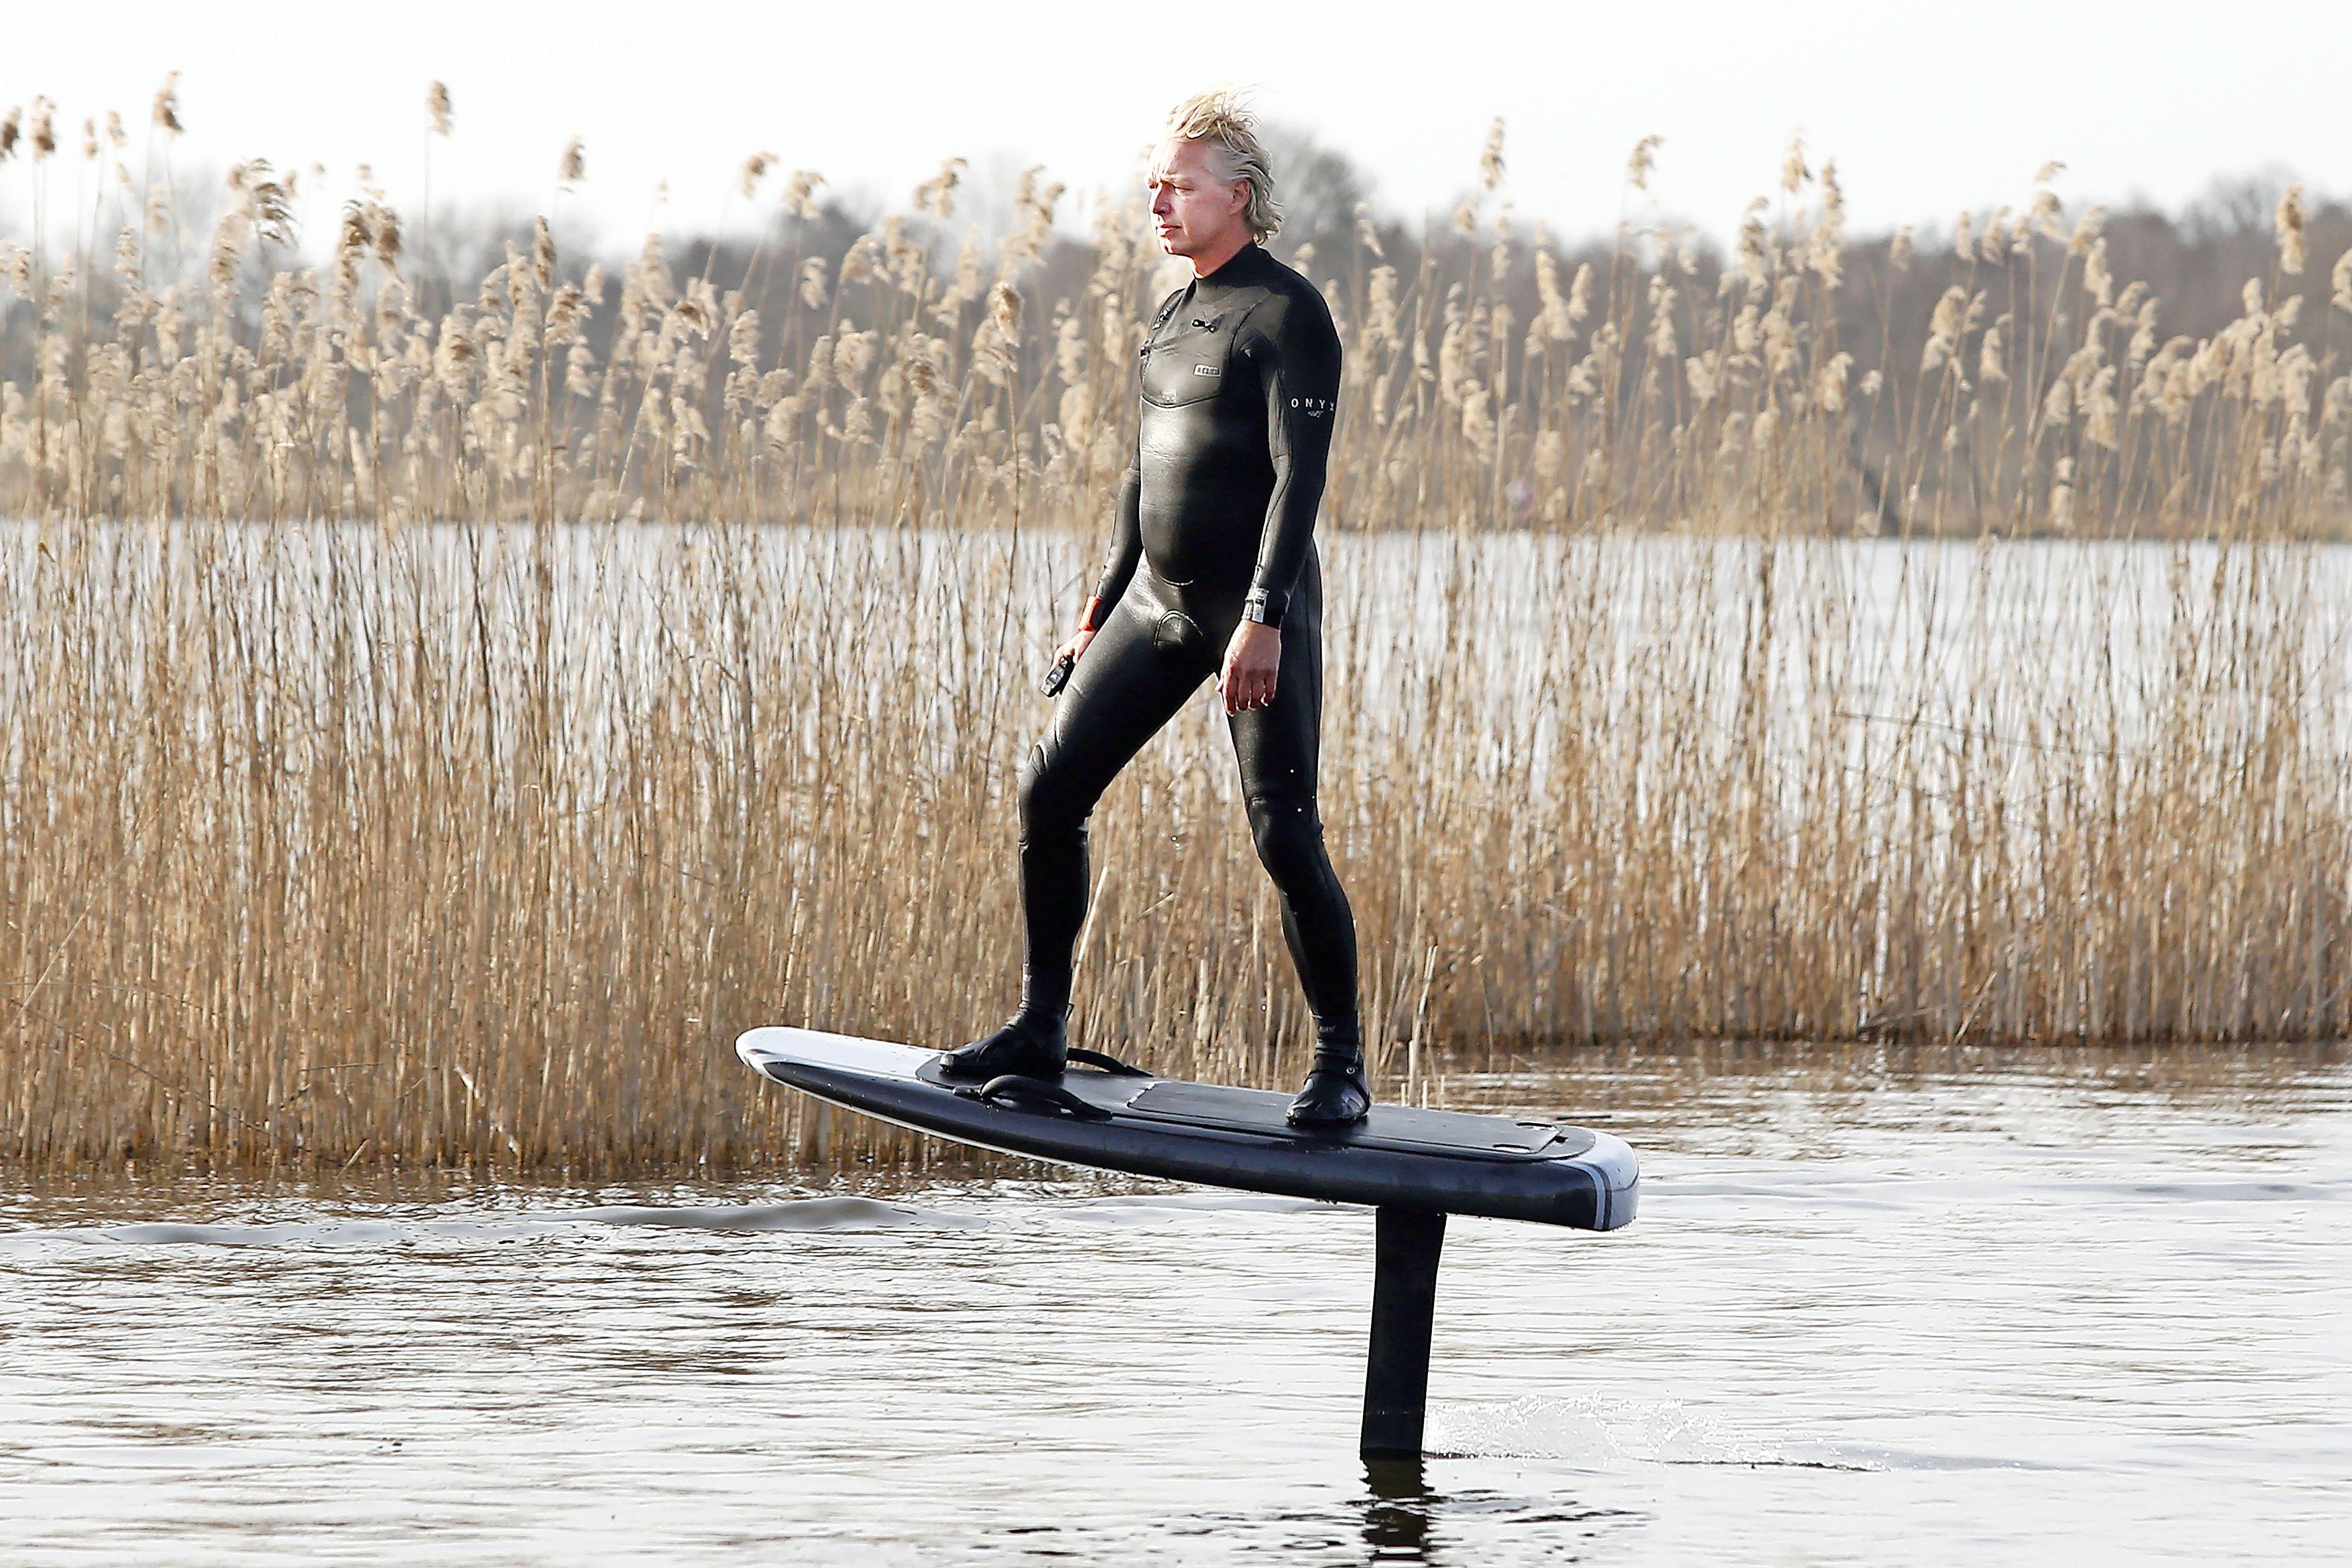 Vrij als een vogel boven het water surfen met 'efoil'. 'Ik zag het en dacht meteen: dit wil ik'